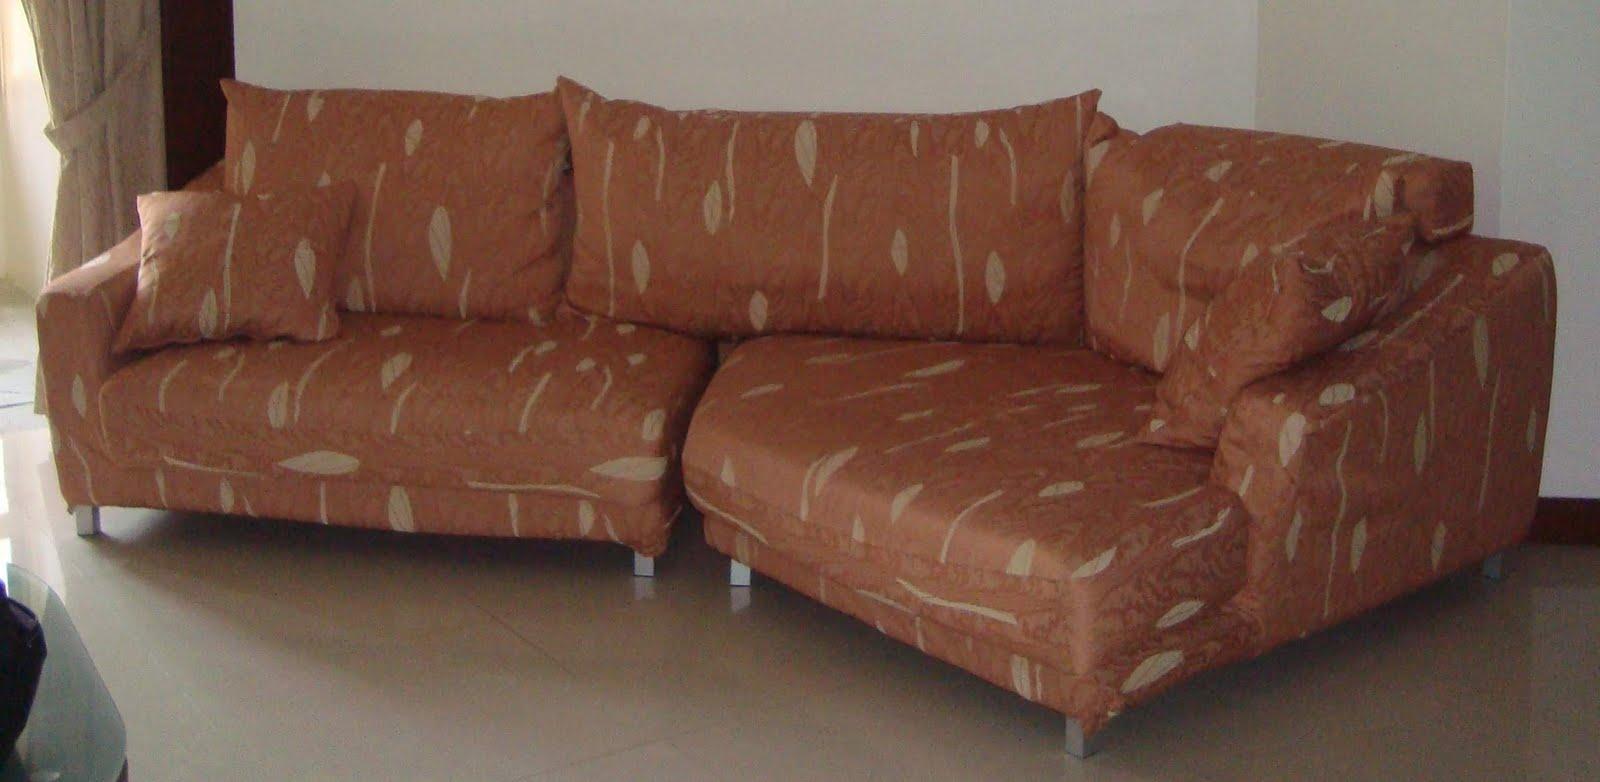 Musings on penang june 2011 for Sofa bed penang